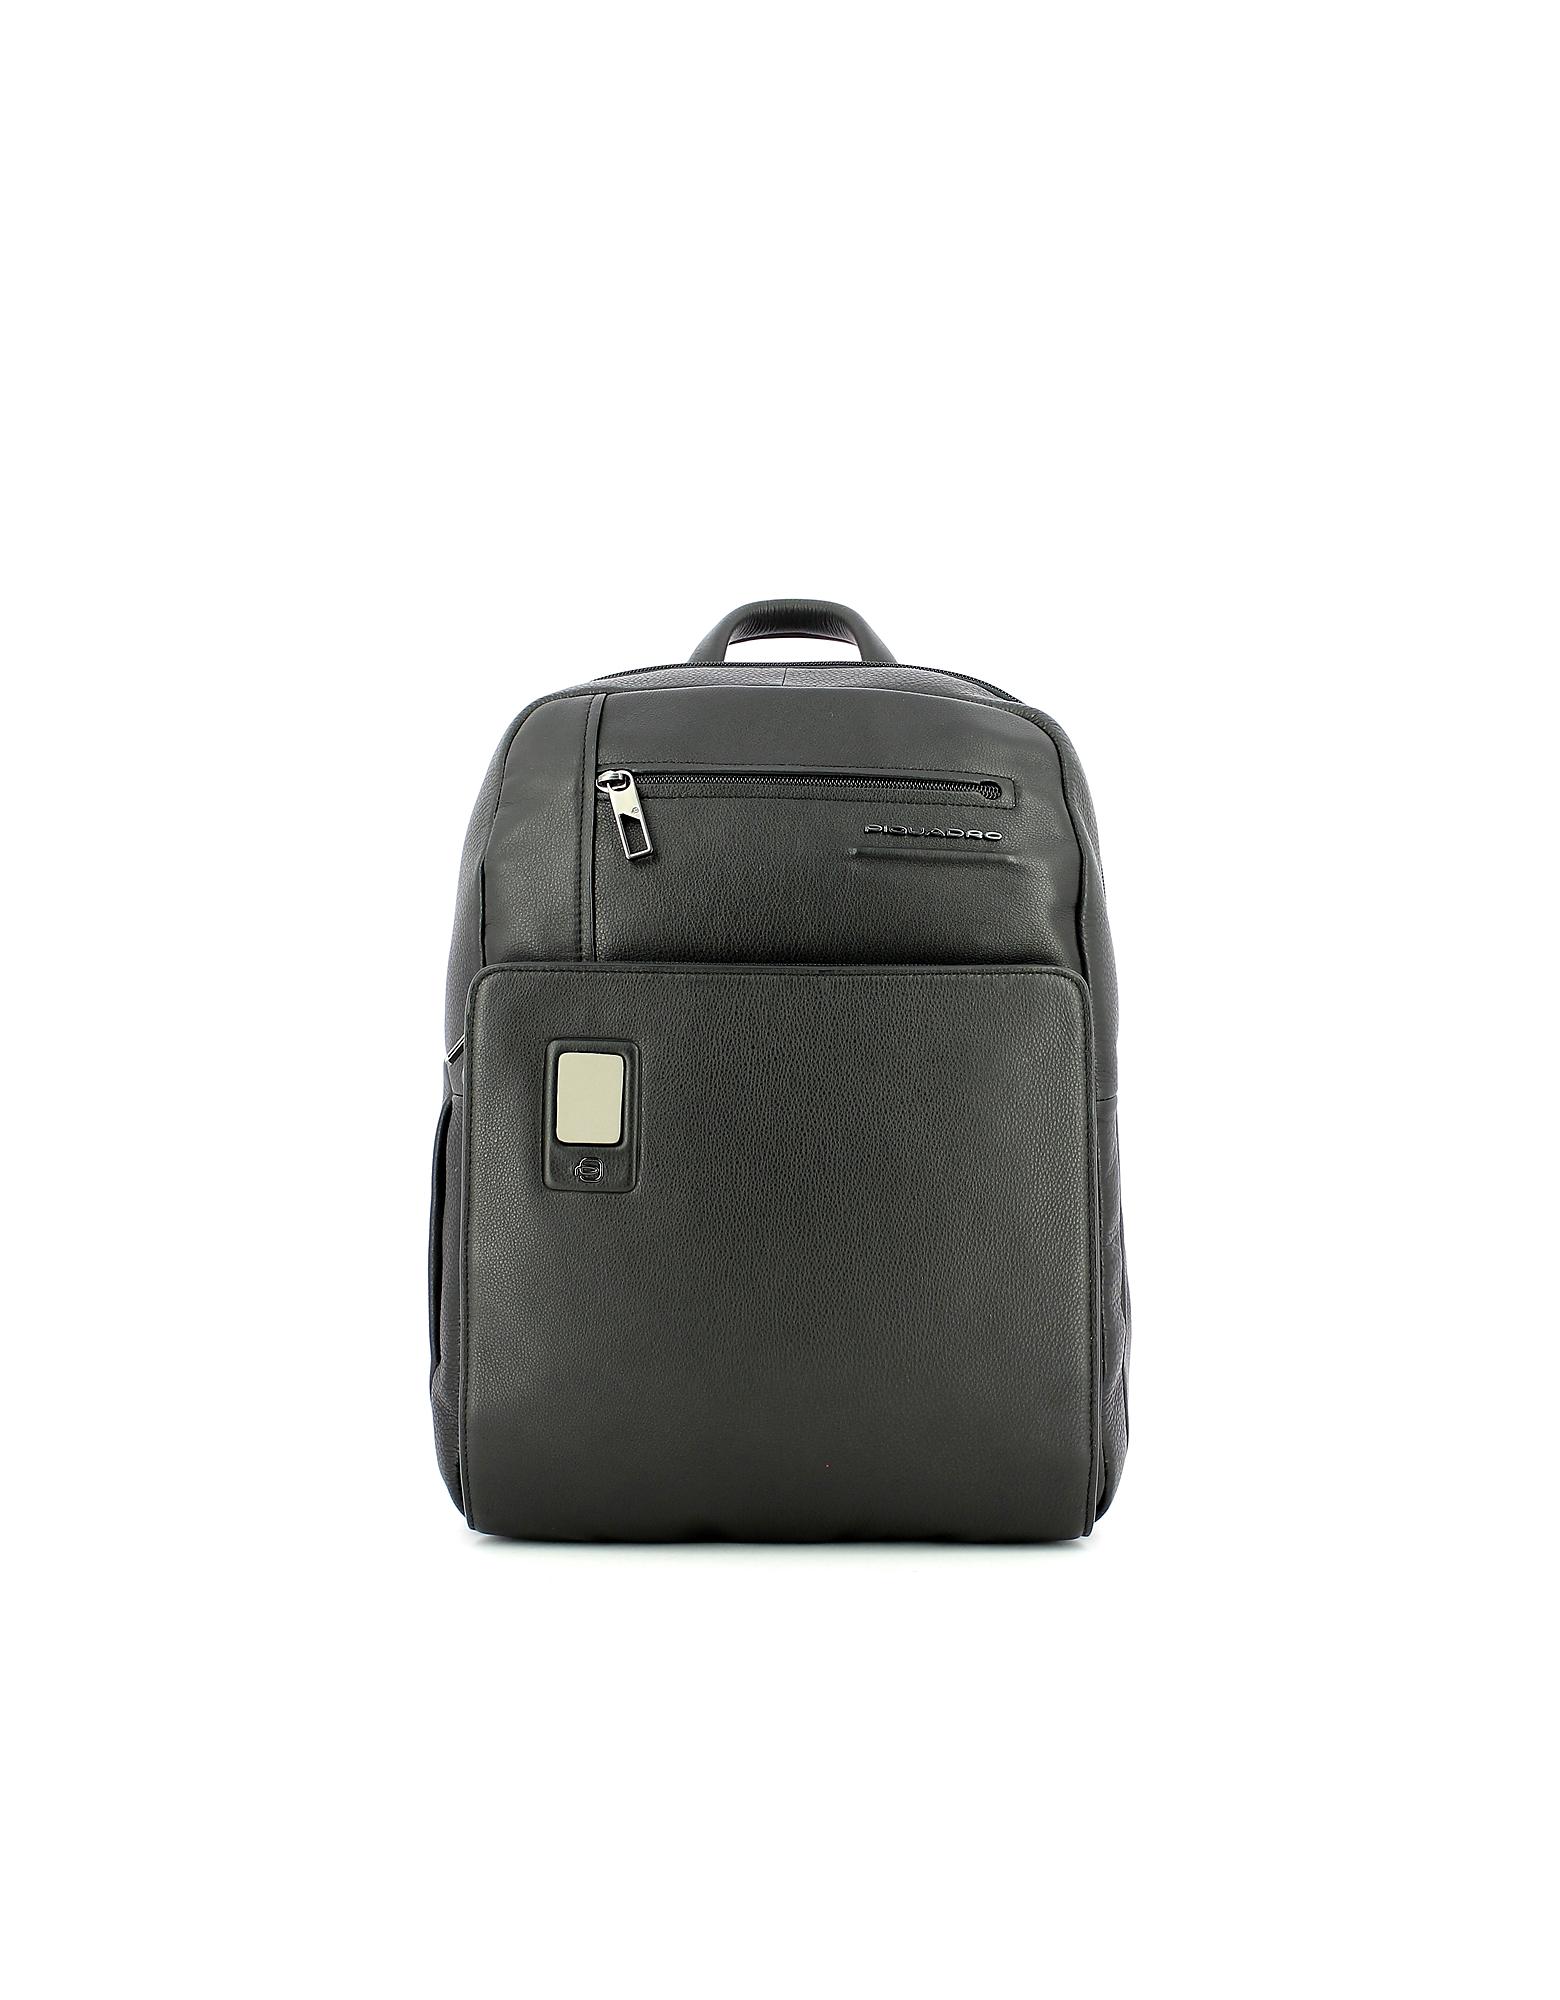 Piquadro Designer Men's Bags, Men's Black Backpack